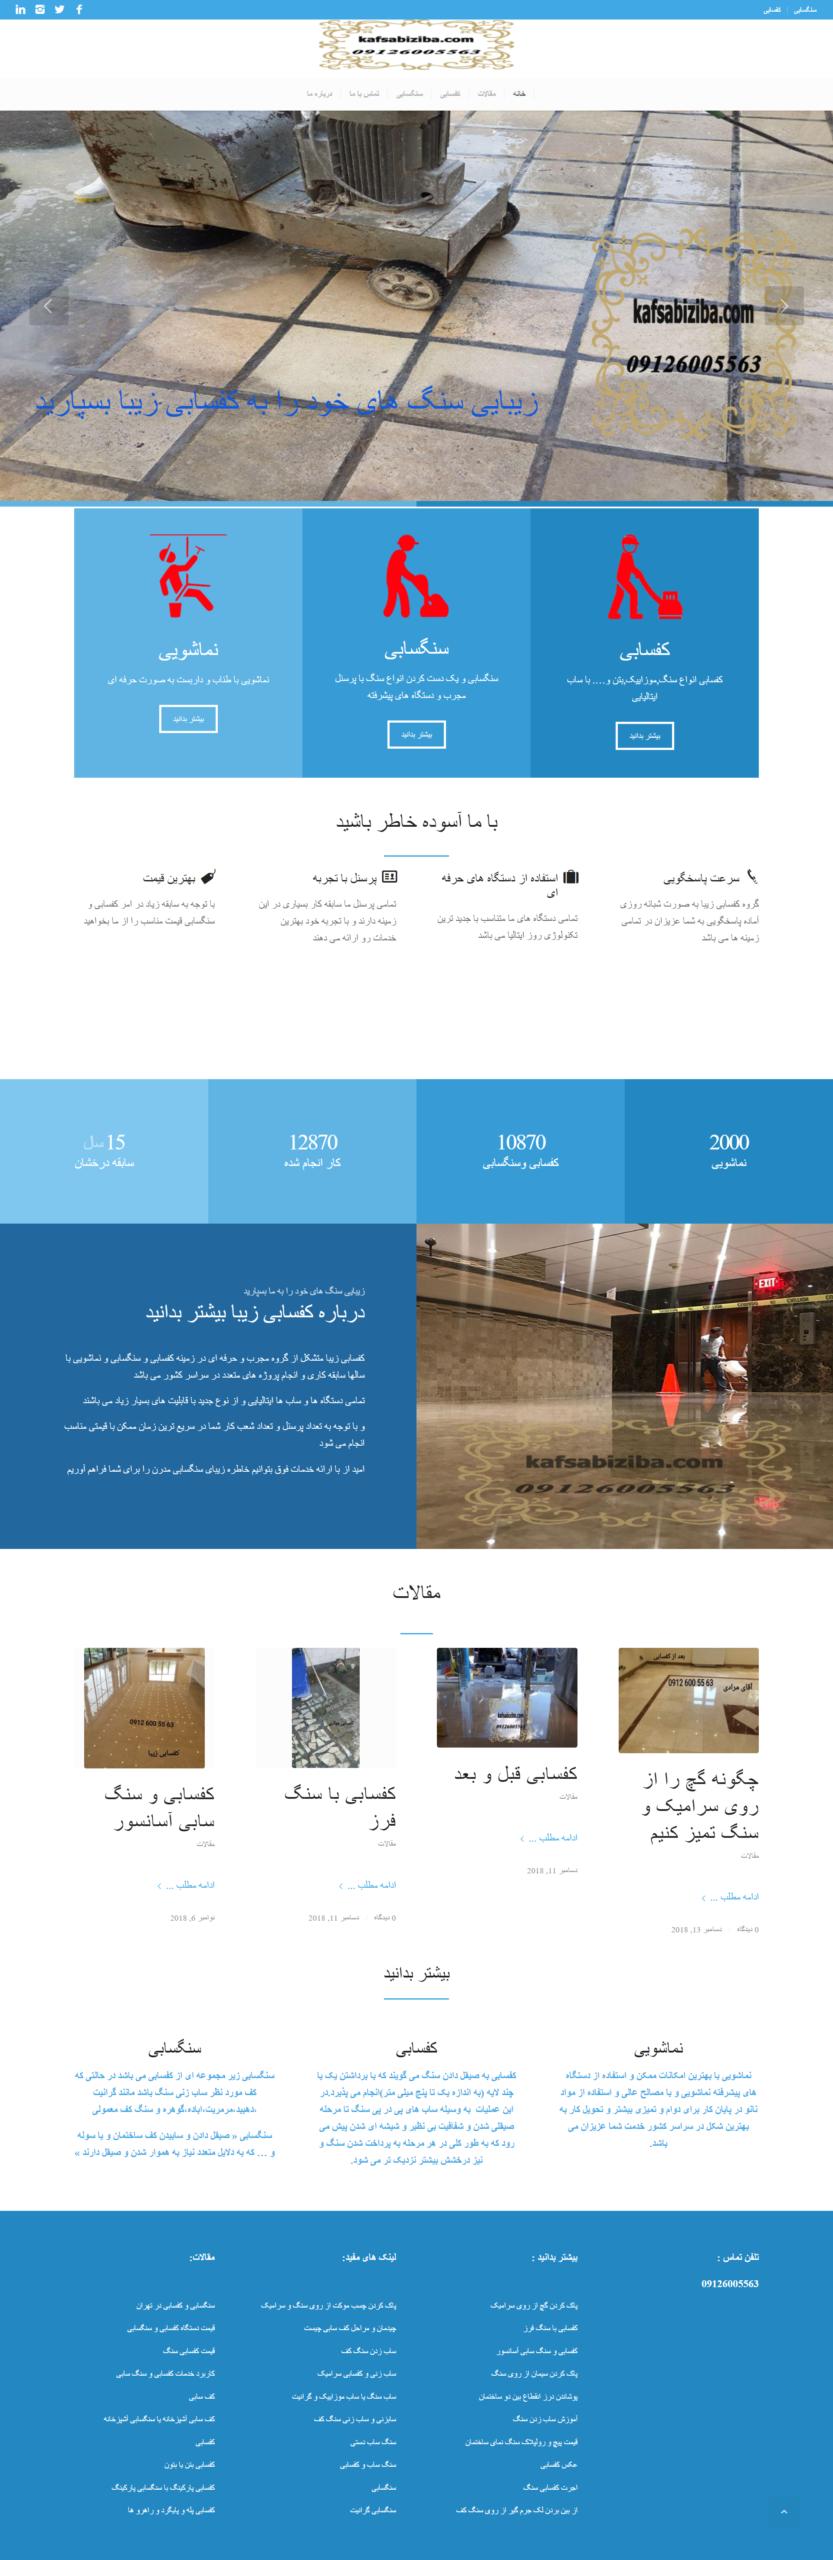 طراحی سایت کفسابی زیبا